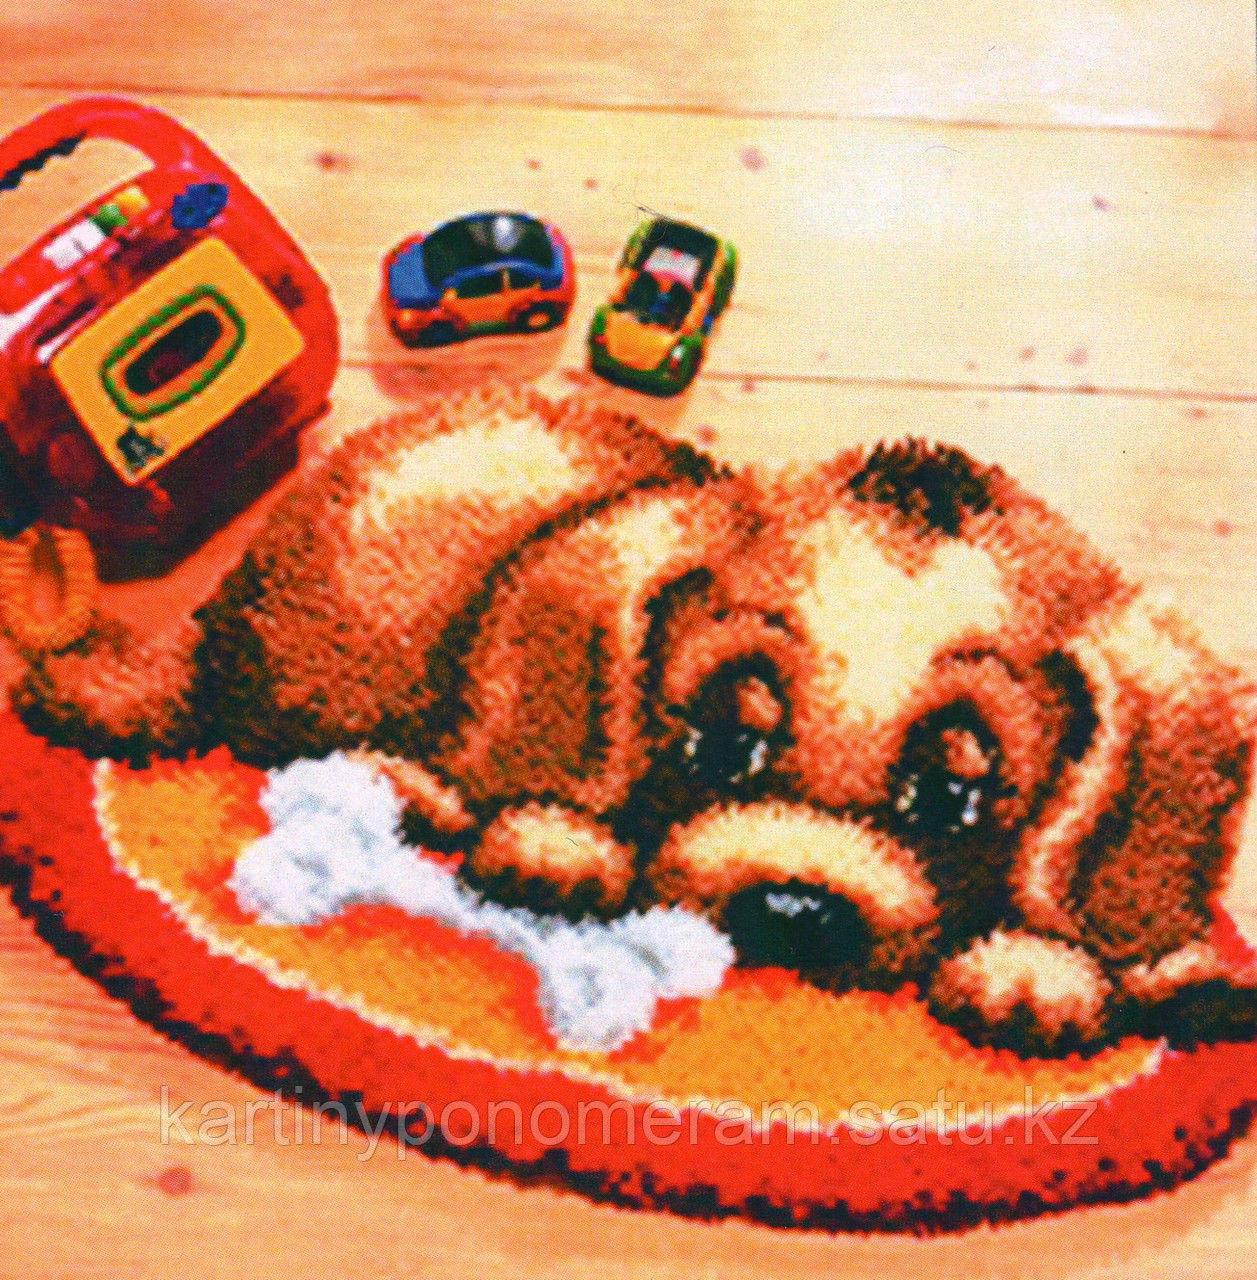 Вышивка в ковровой технике ZD010, 52x38см